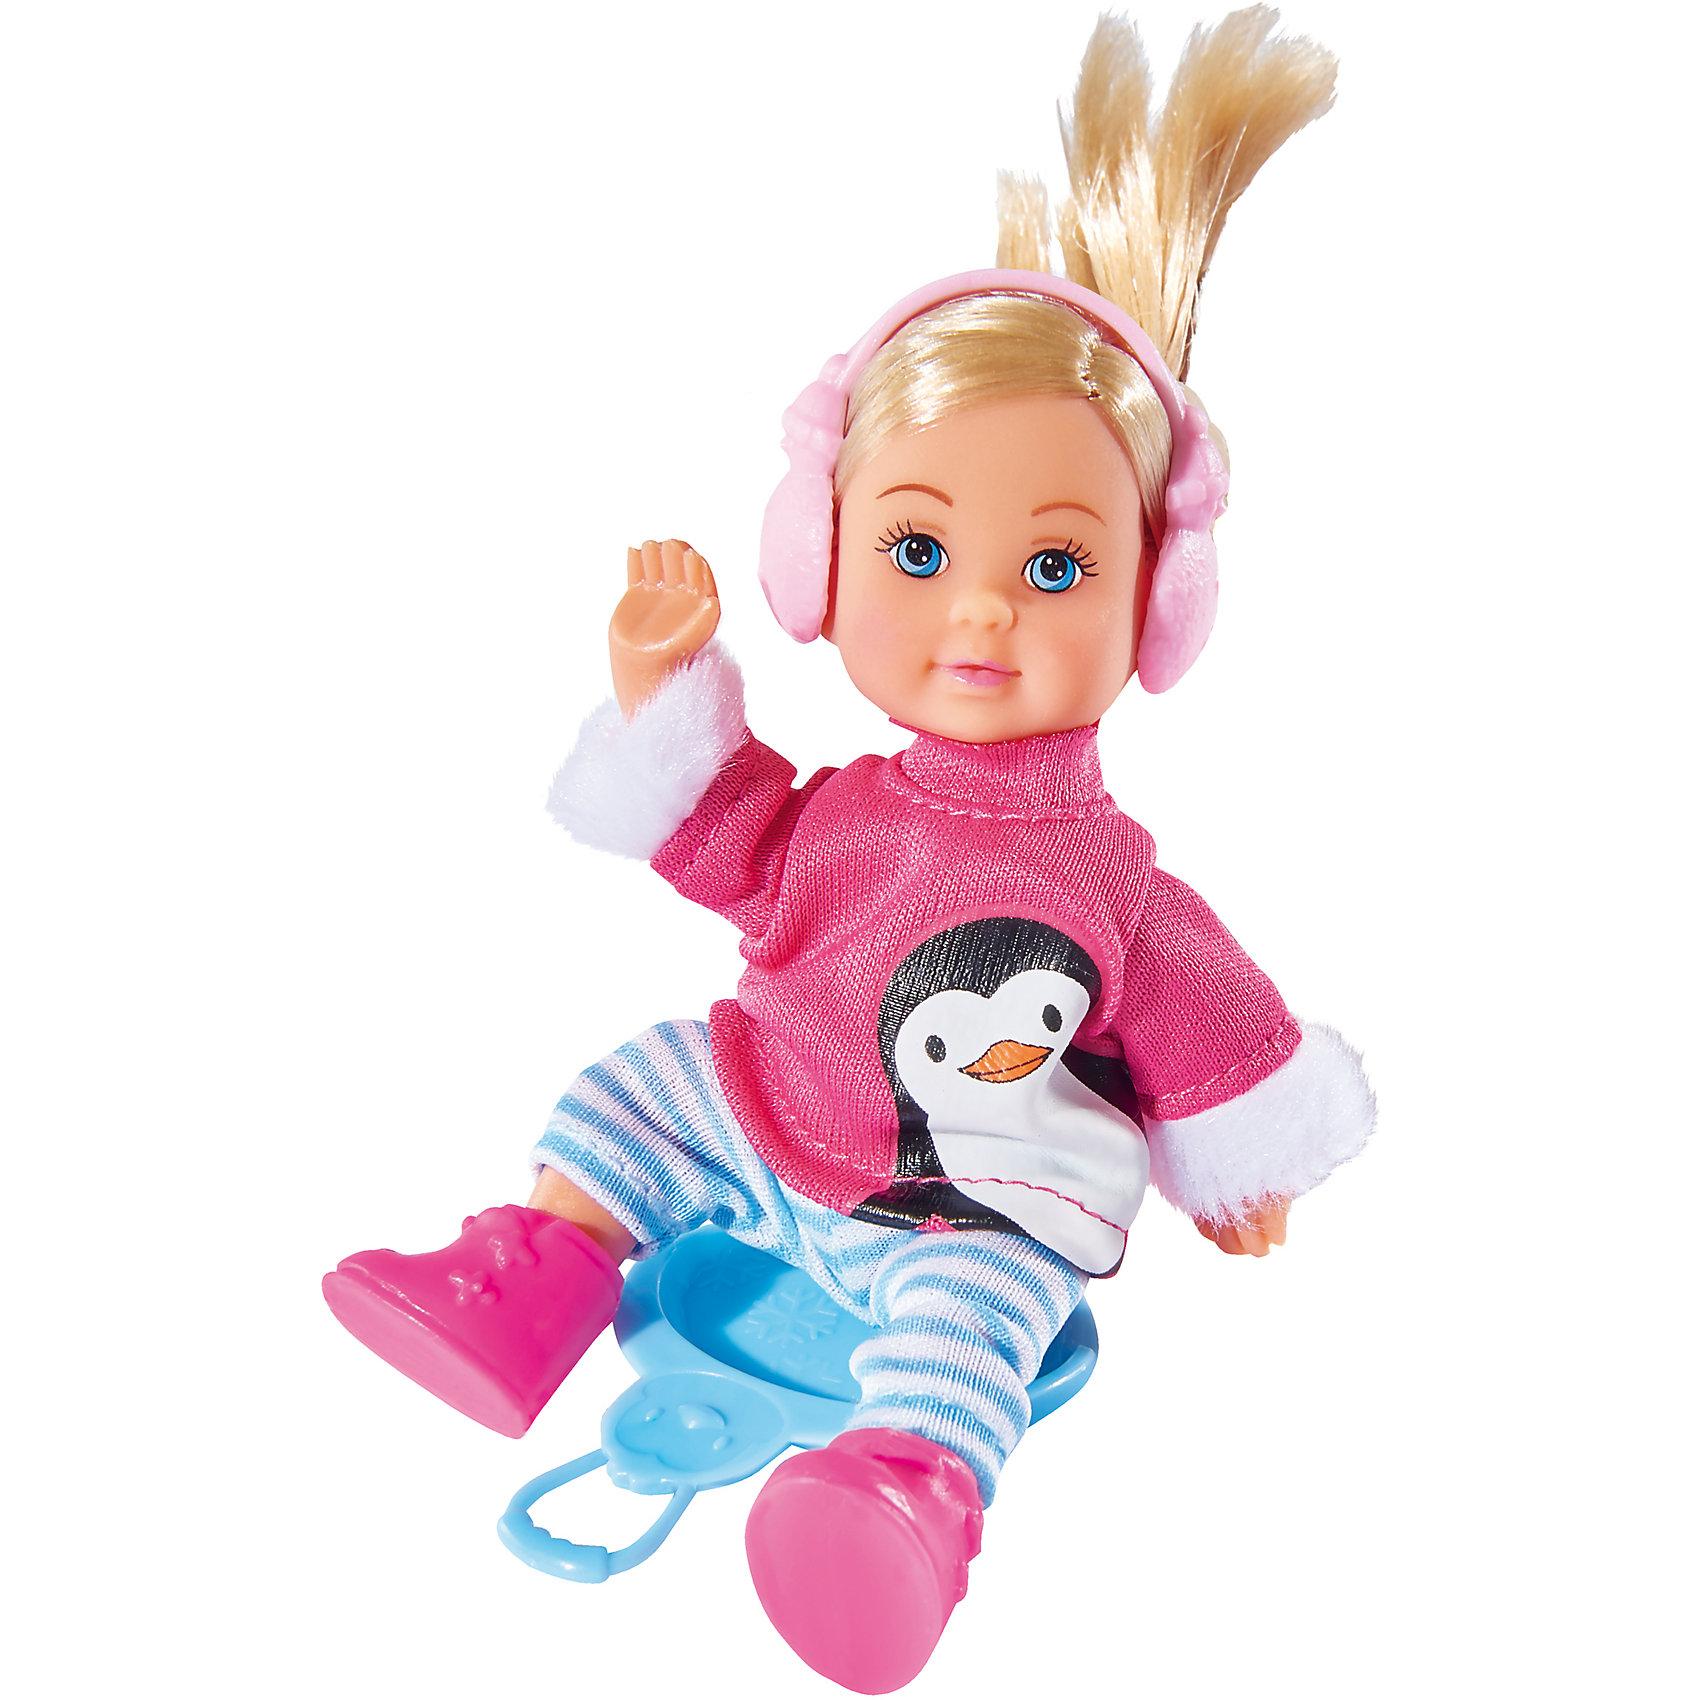 Кукла Еви в зимнем костюме,12 см, SimbaSteffi и Evi Love<br>Характеристики товара:<br><br>- цвет: разноцветный;<br>- материал: пластик;<br>- возраст: от трех лет;<br>- комплектация: кукла, ледянка, костюм;<br>- высота куклы: 12 см.<br><br>Эта симпатичная кукла Еви от известного бренда приводит детей в восторг! Какая девочка сможет отказаться поиграть с куклой в таком шикарном наряде?! В набор входят аксессуары и одежда для игр с куклой. Игрушка очень качественно выполнена, поэтому она станет замечательным подарком ребенку. <br>Продается набор в красивой удобной упаковке. Изделие произведено из высококачественного материала, безопасного для детей.<br><br>Куклу Еви в зимнем костюме от бренда Simba можно купить в нашем интернет-магазине.<br><br>Ширина мм: 50<br>Глубина мм: 80<br>Высота мм: 170<br>Вес г: 90<br>Возраст от месяцев: 36<br>Возраст до месяцев: 120<br>Пол: Женский<br>Возраст: Детский<br>SKU: 5119527